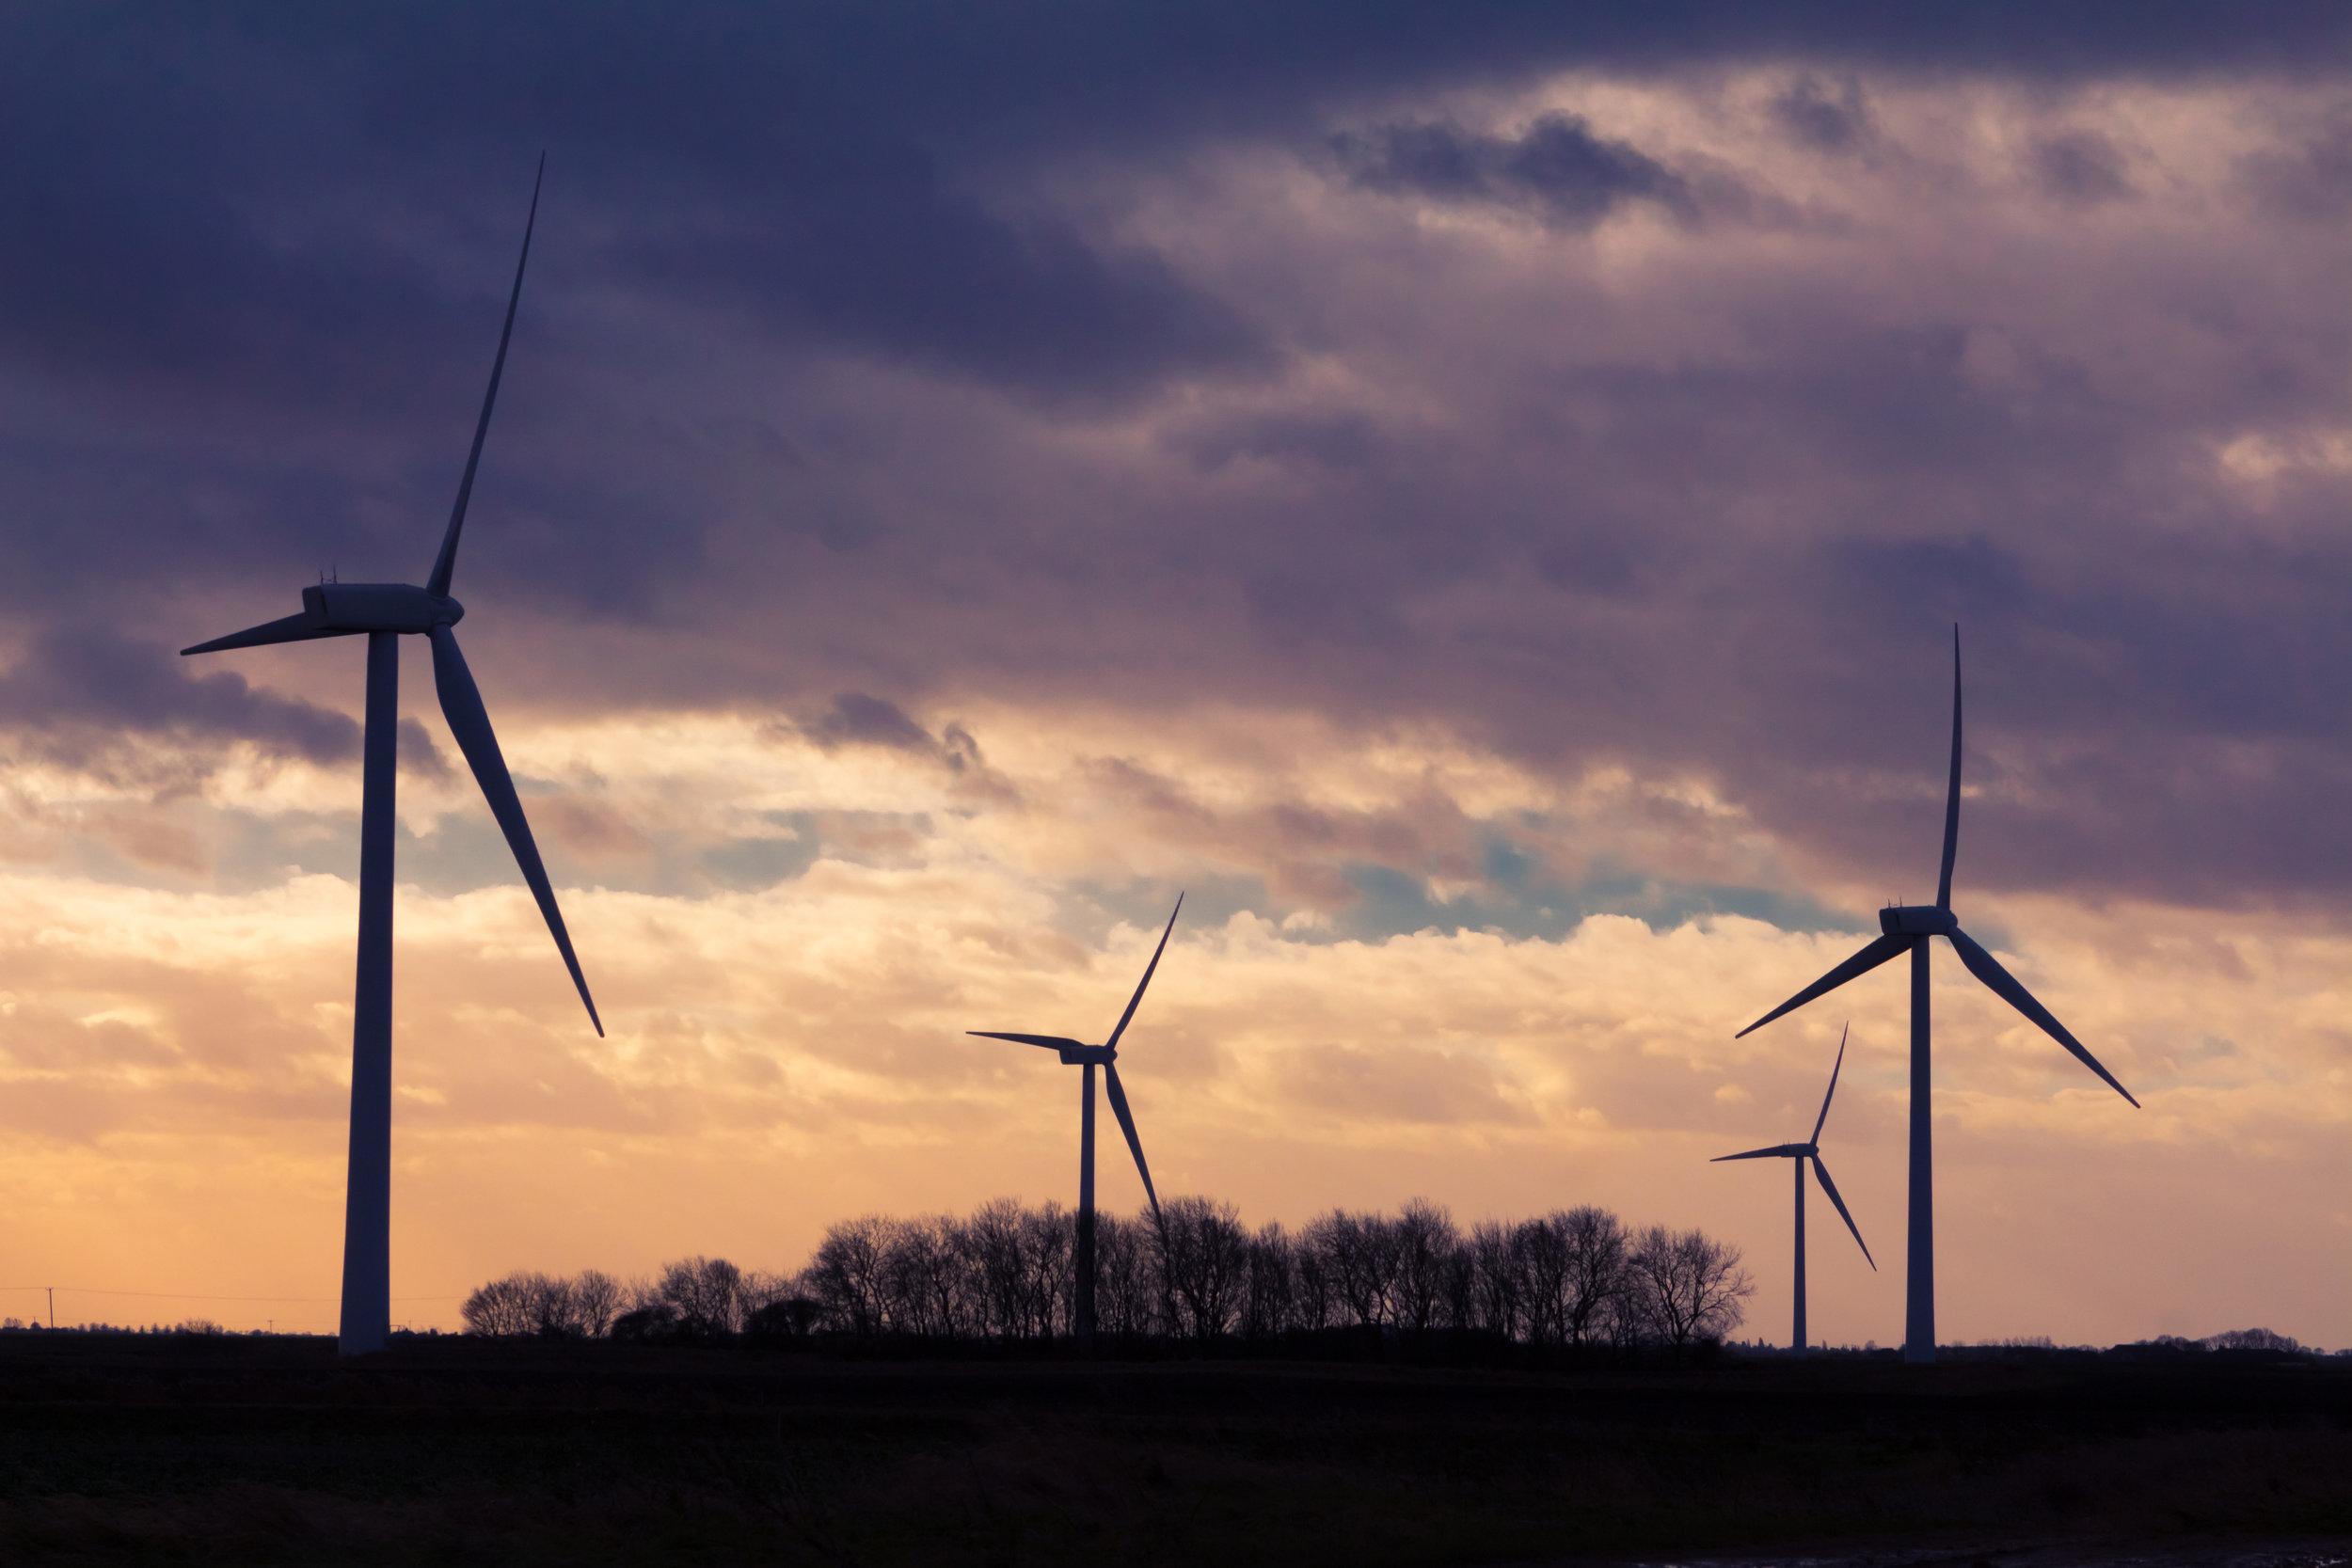 A wind farm providing sustainable energy